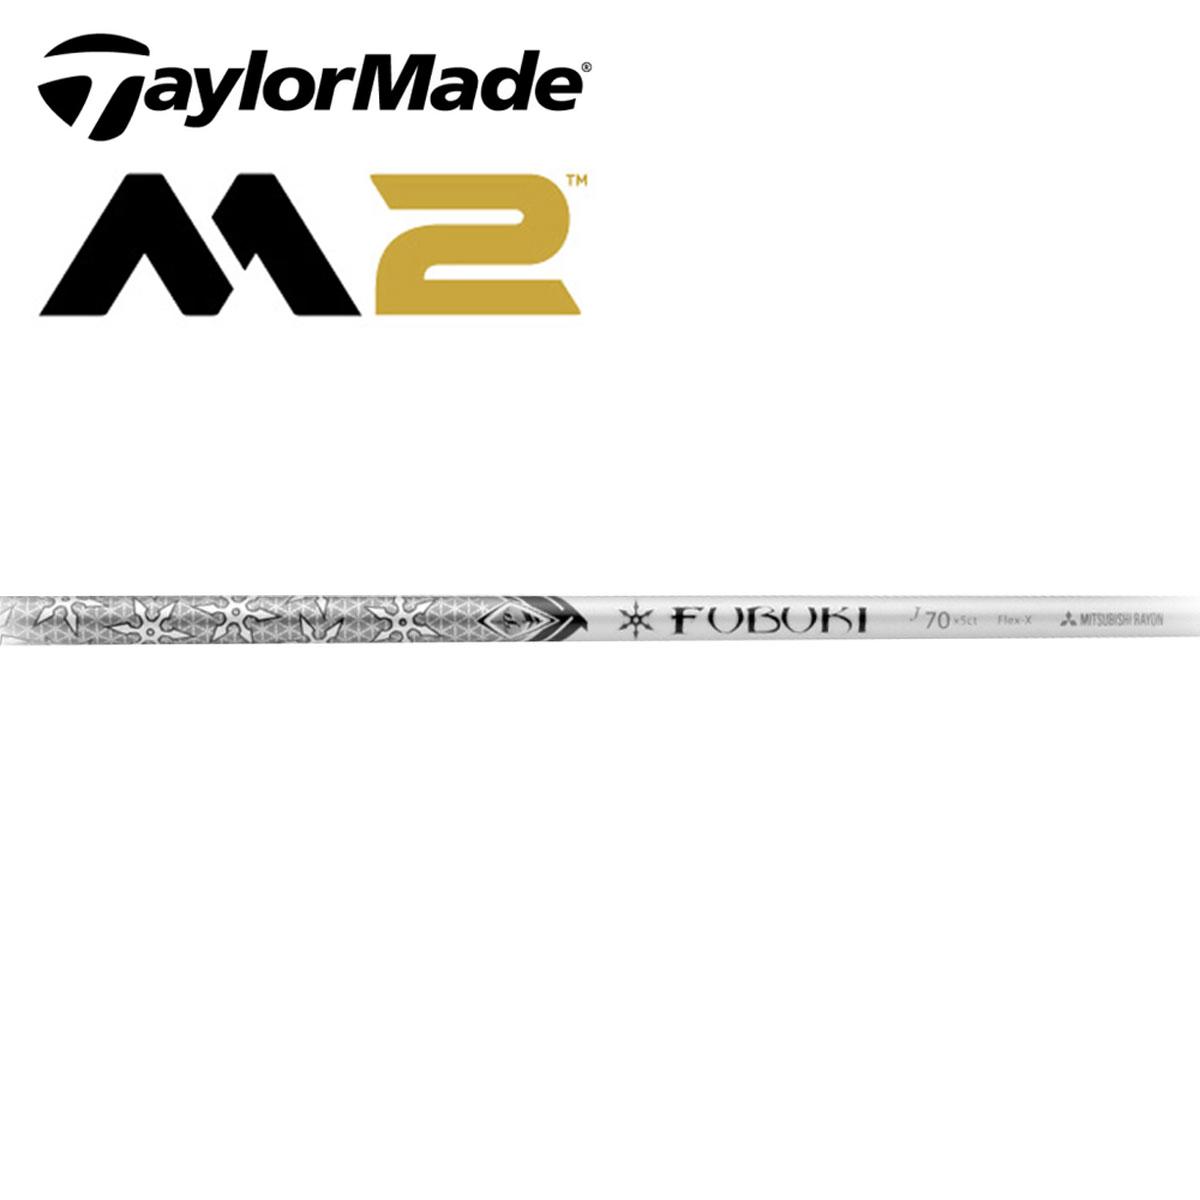 FUBUKI Jシリーズ M2 ドライバーロフト12度用スリーブ付きシャフト 2016年モデル【テーラーメイド専用】